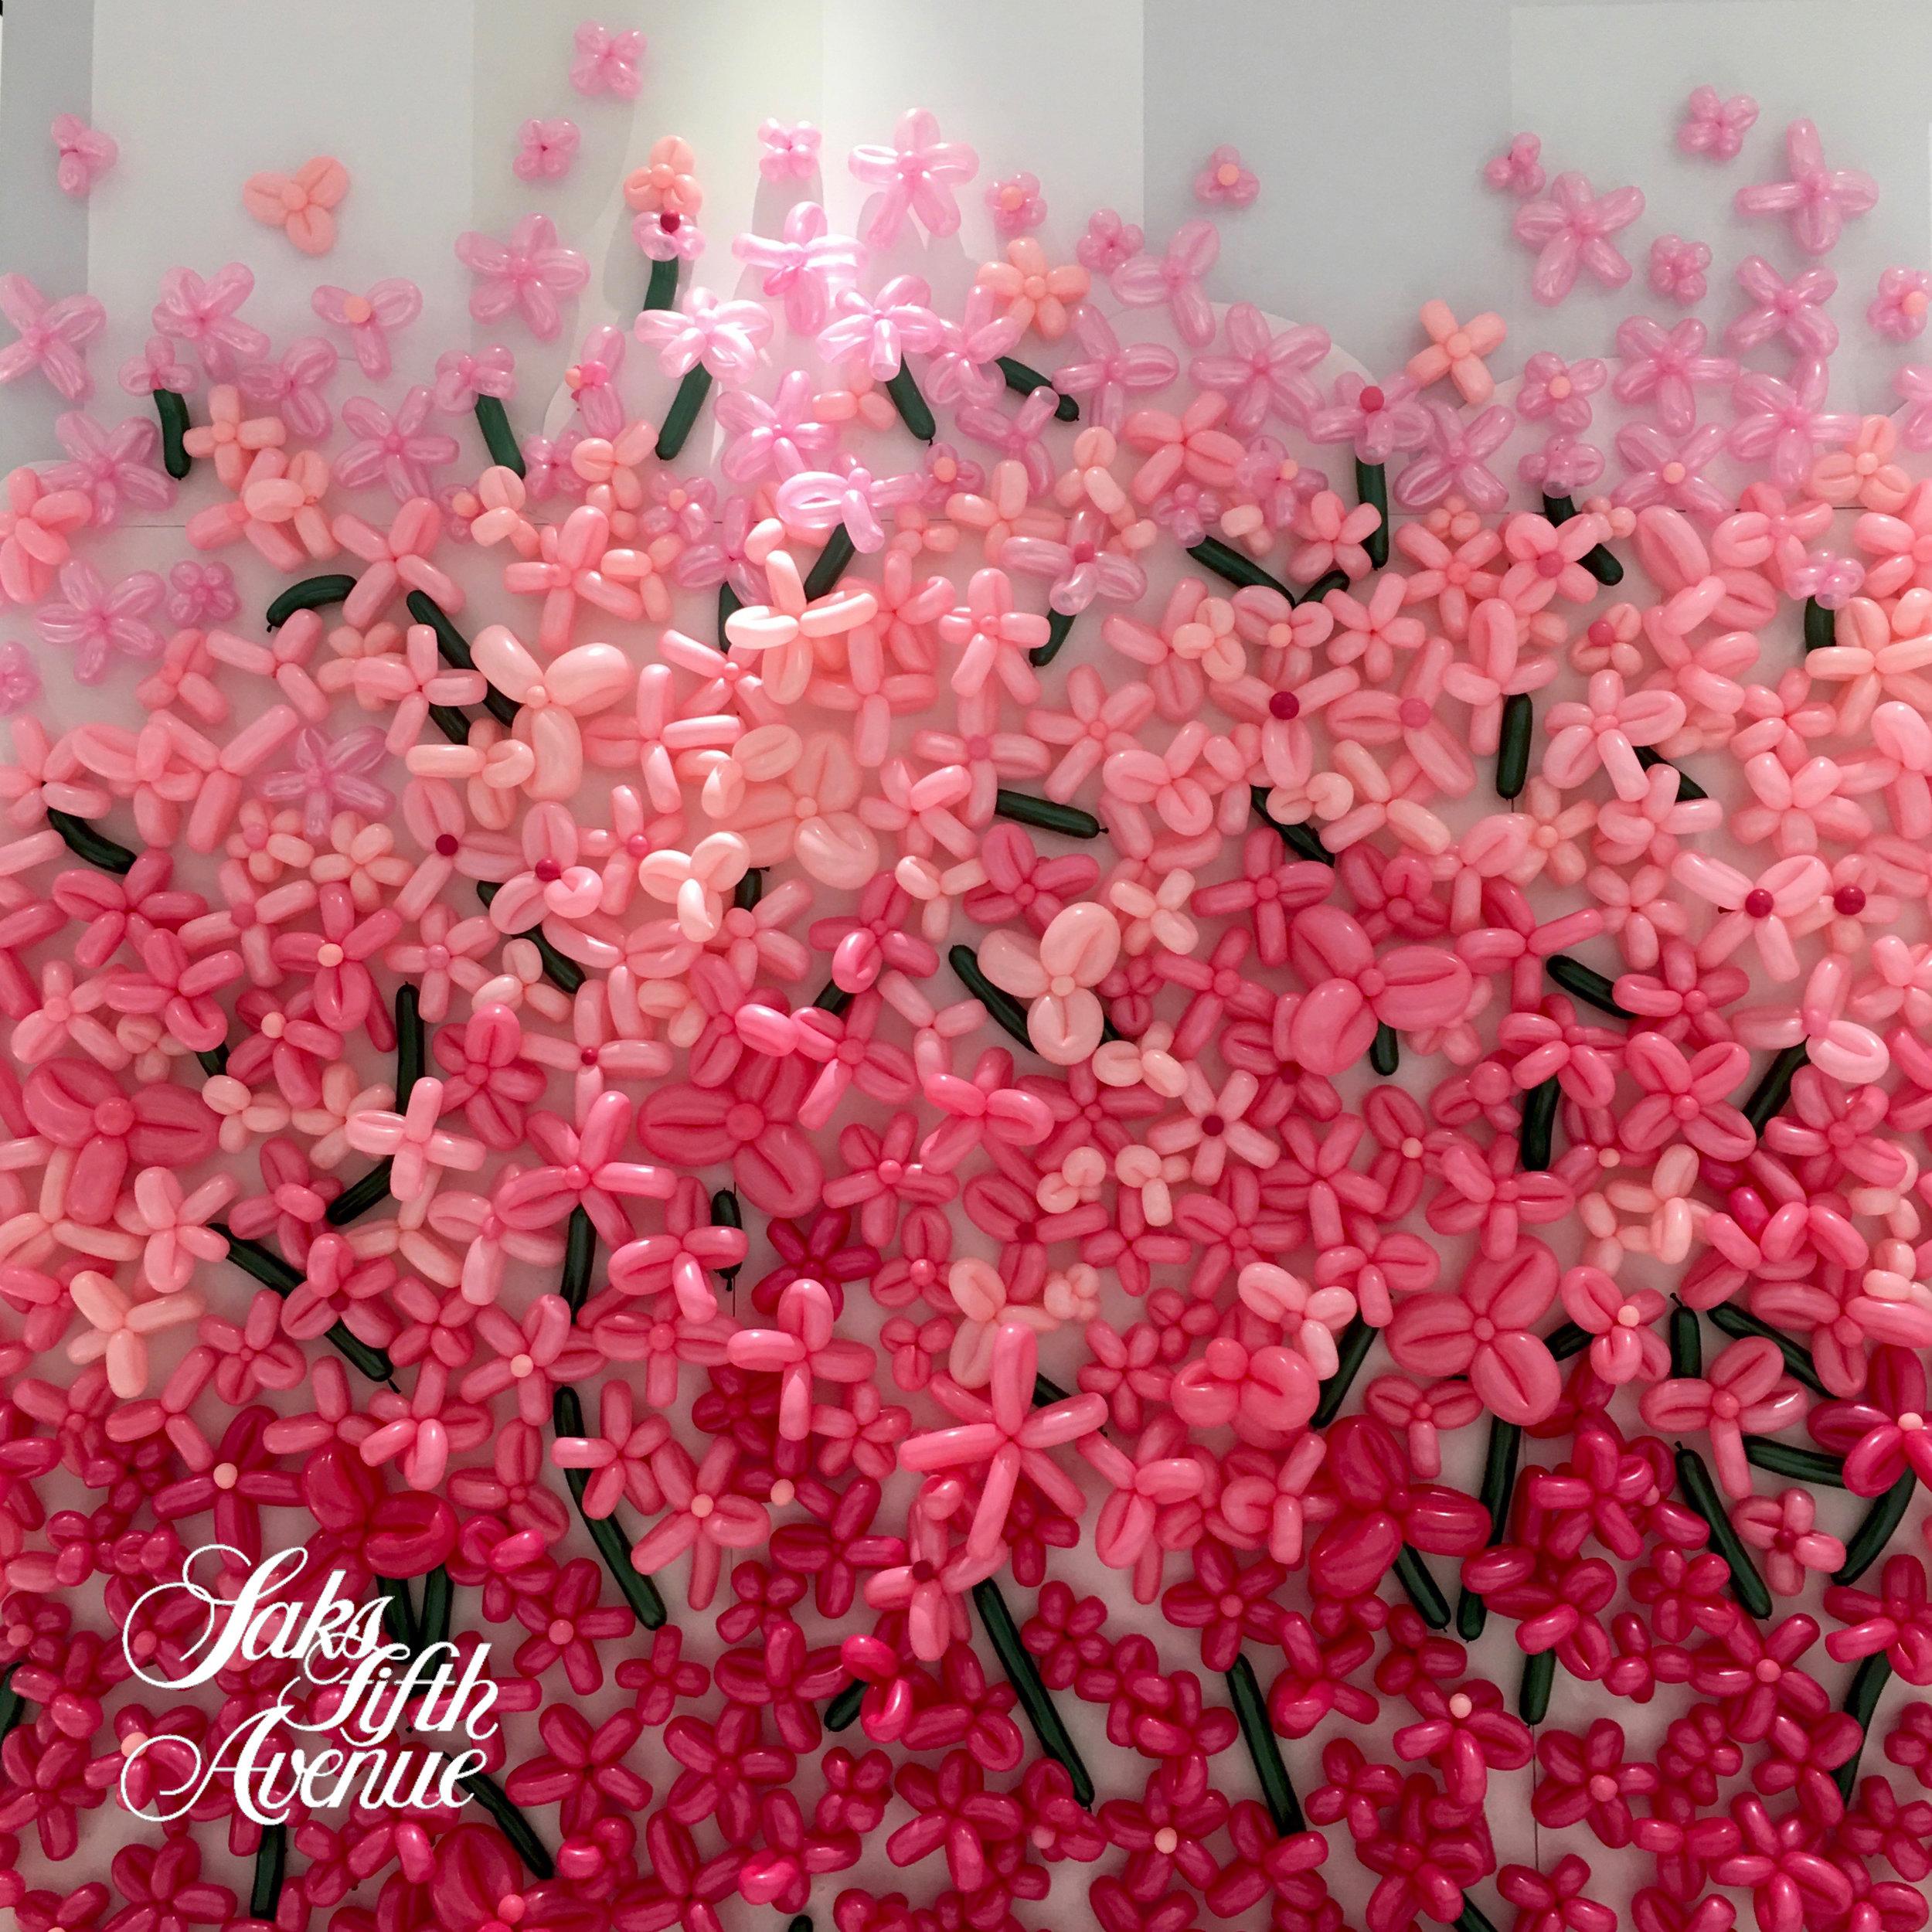 saksflowers.jpg